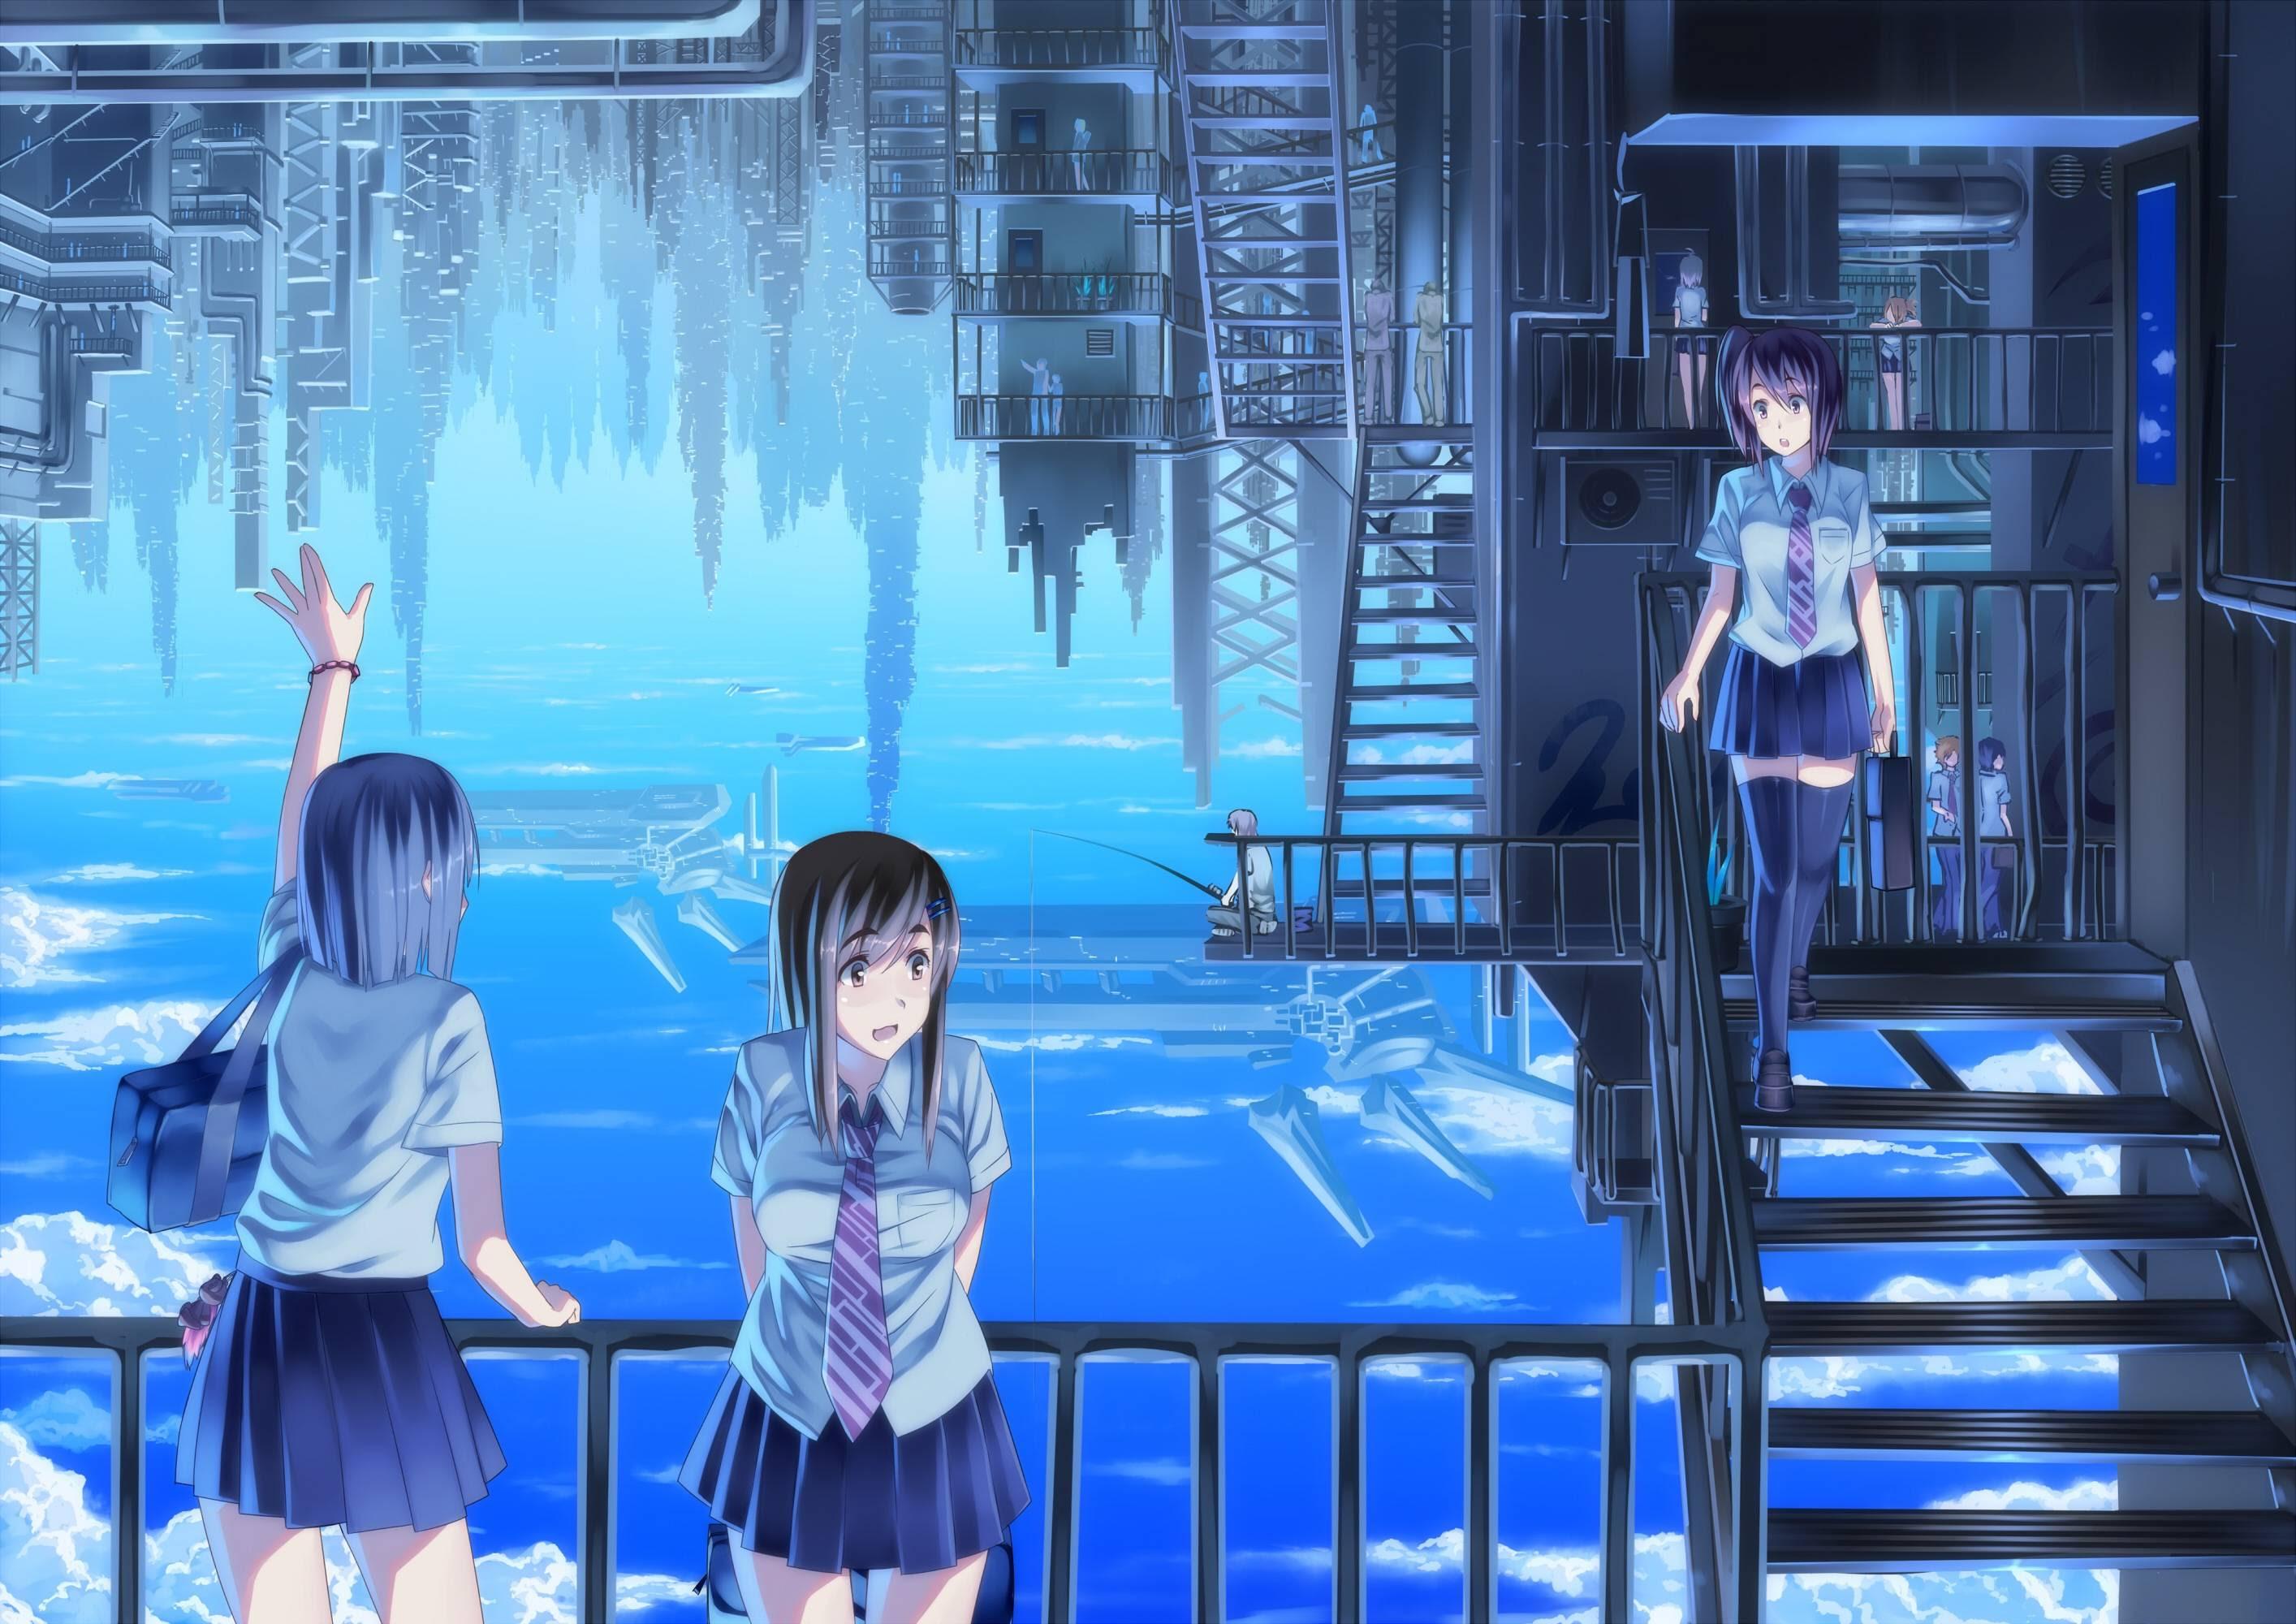 画像 幻想的女の子綺麗な風景や幻想的な風景と女の子が描かれた